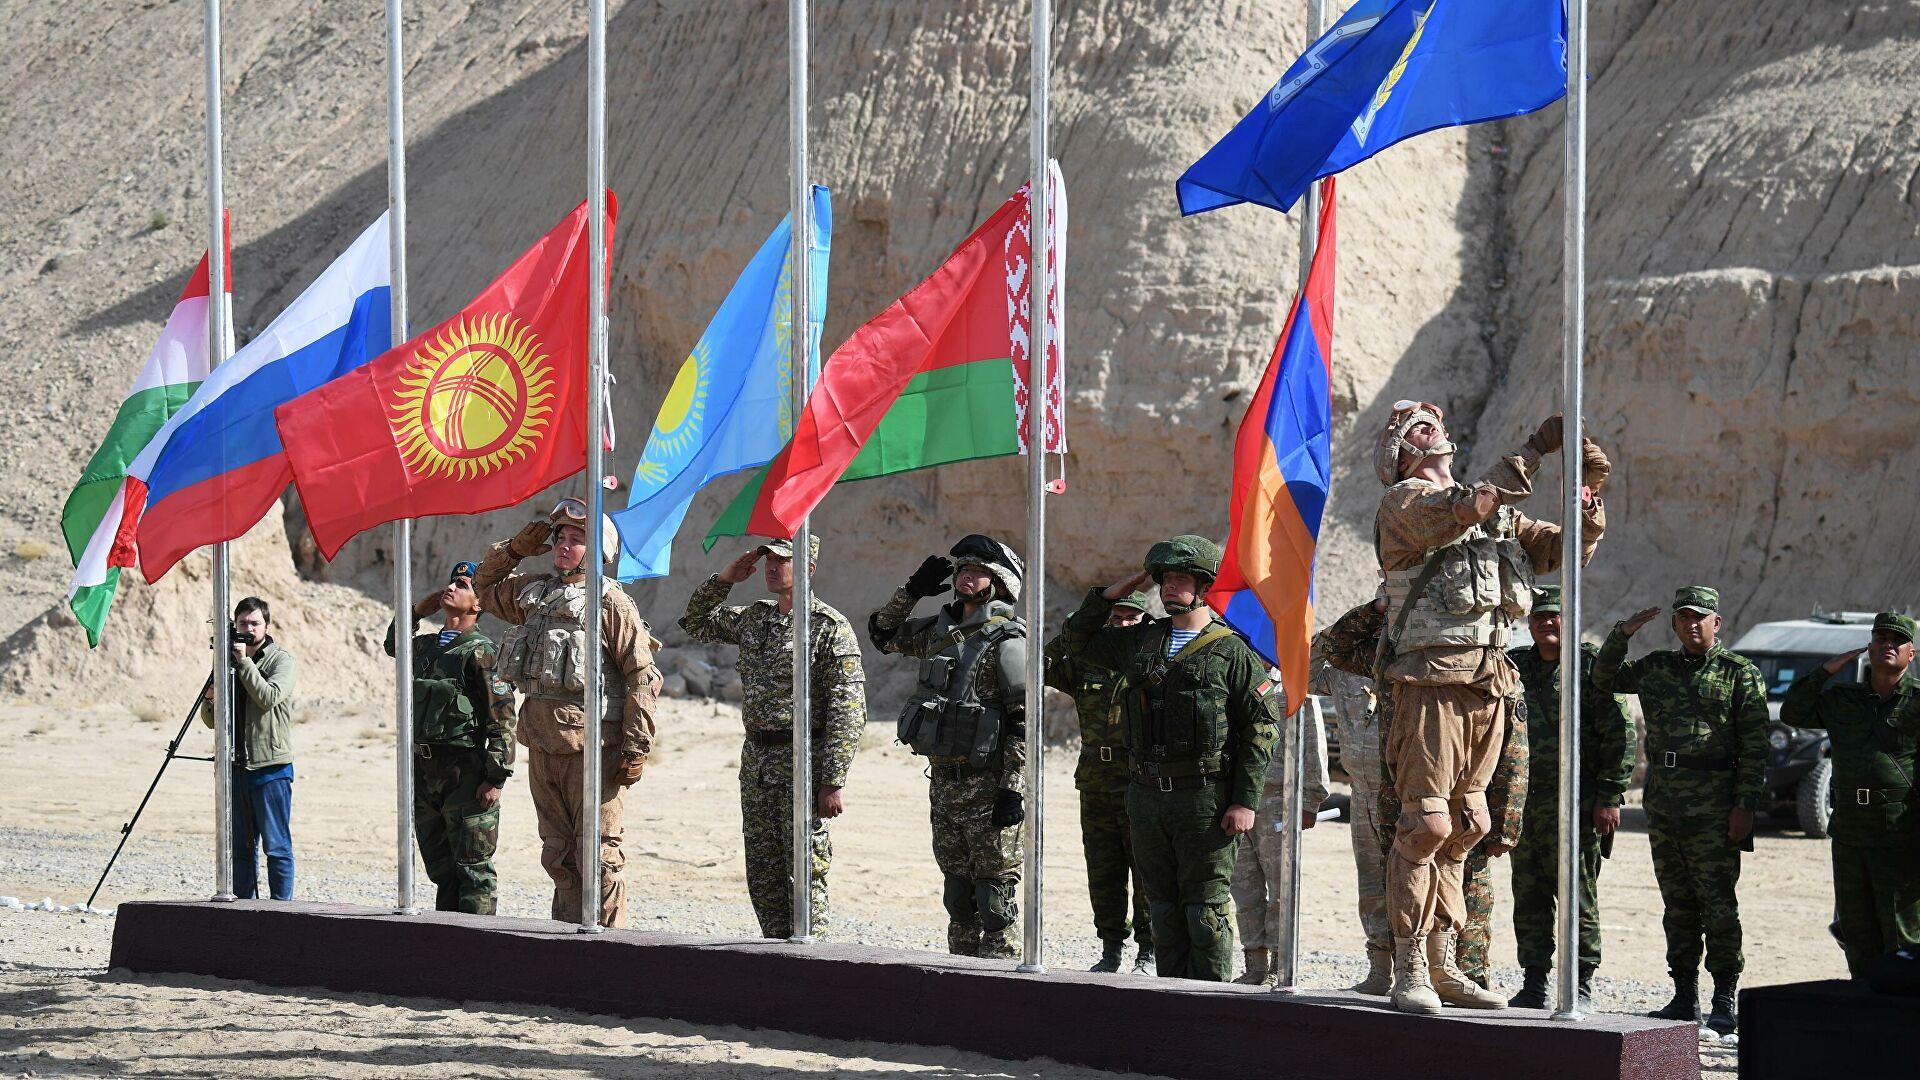 Vežba snaga zemalja članica ODKB-a u Tadžikistanu - pozvani predstavnici Srbije